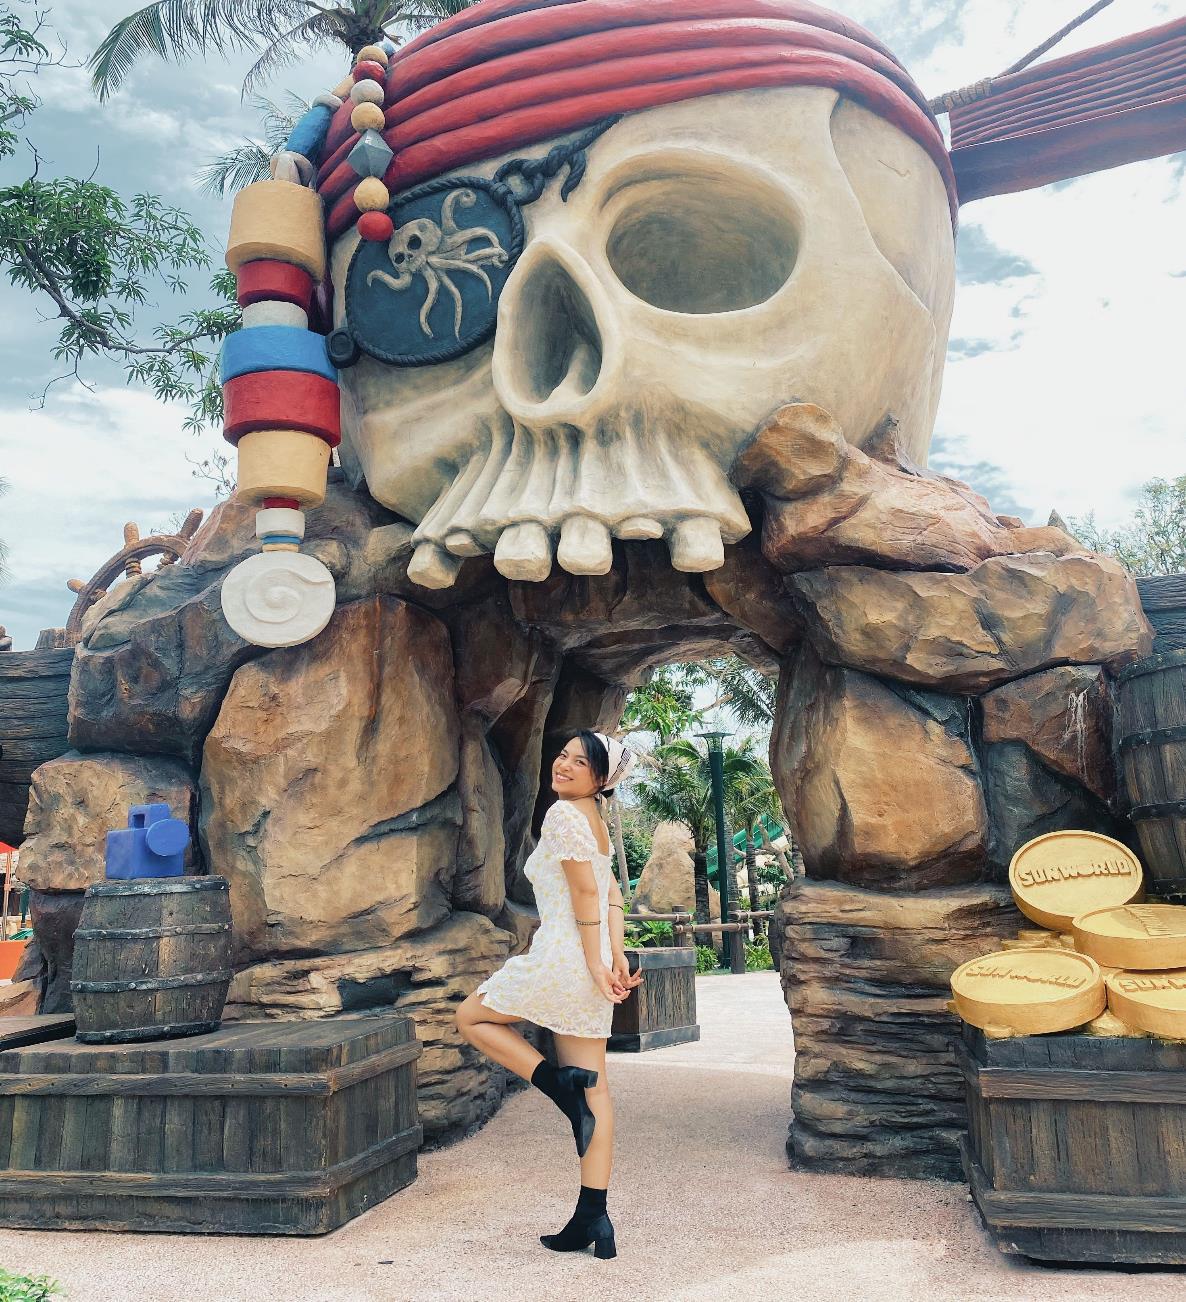 """Hot blogger Hà Trúc: Rực rỡ với trải nghiệm """"ăn ngon, mặc đẹp"""" và du lịch chất tại Nam đảo Phú Quốc - Ảnh 9."""